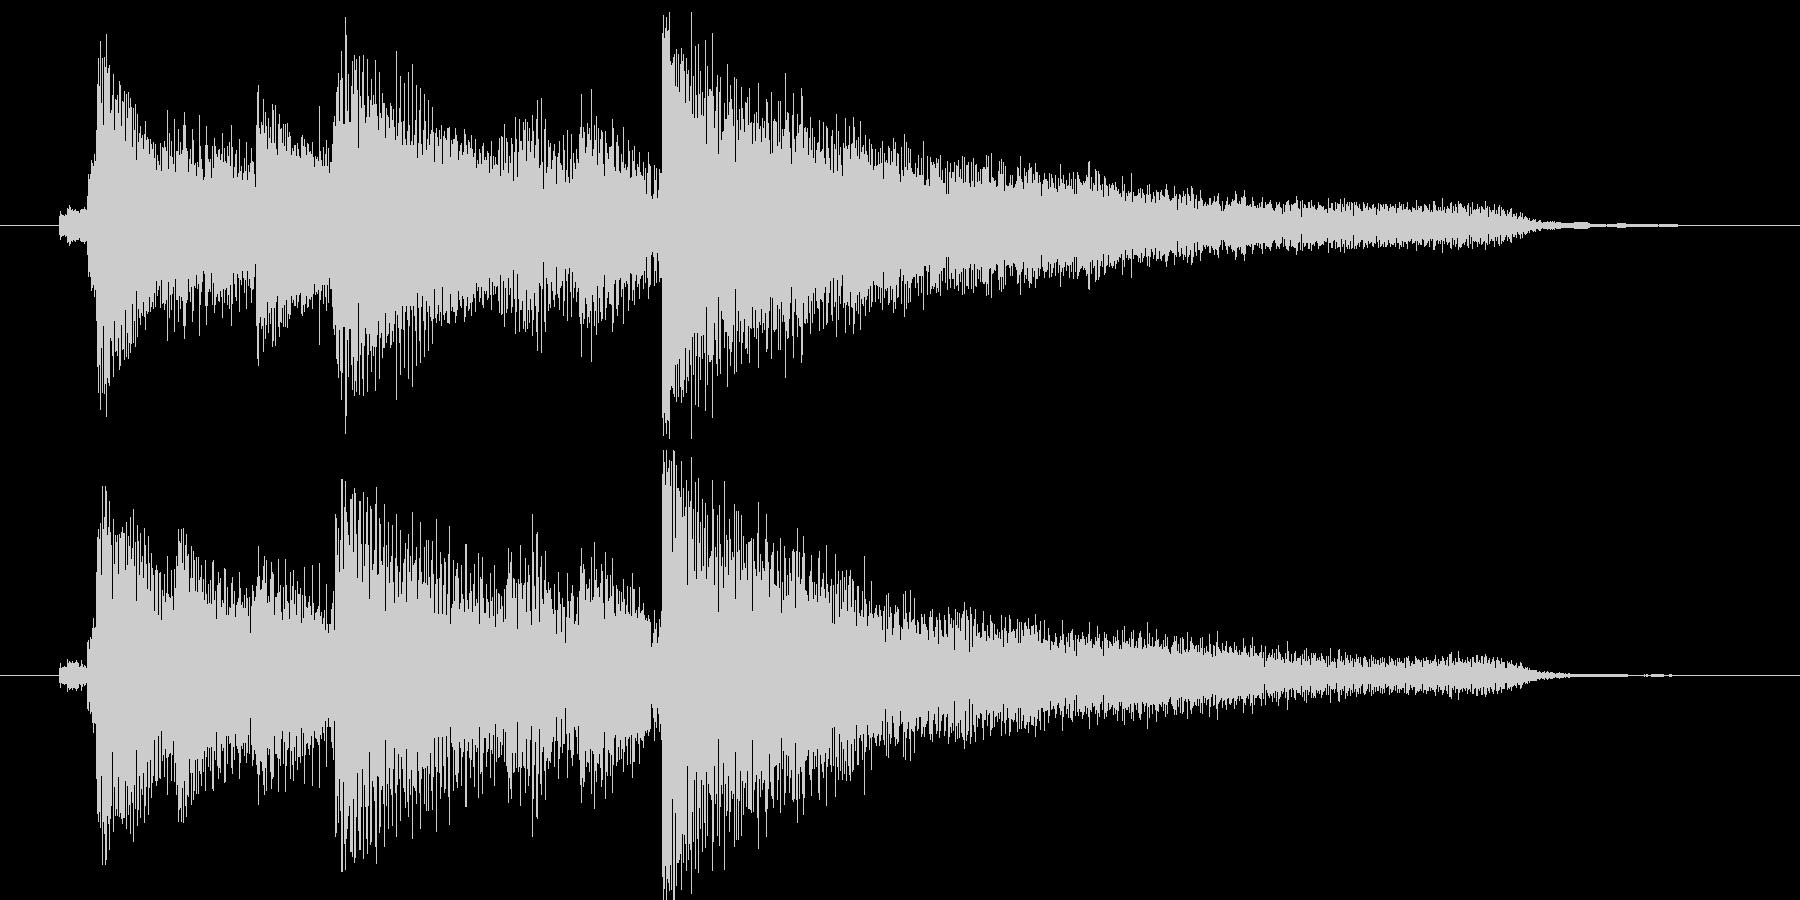 キラキラシンセとピアノのジングルの未再生の波形